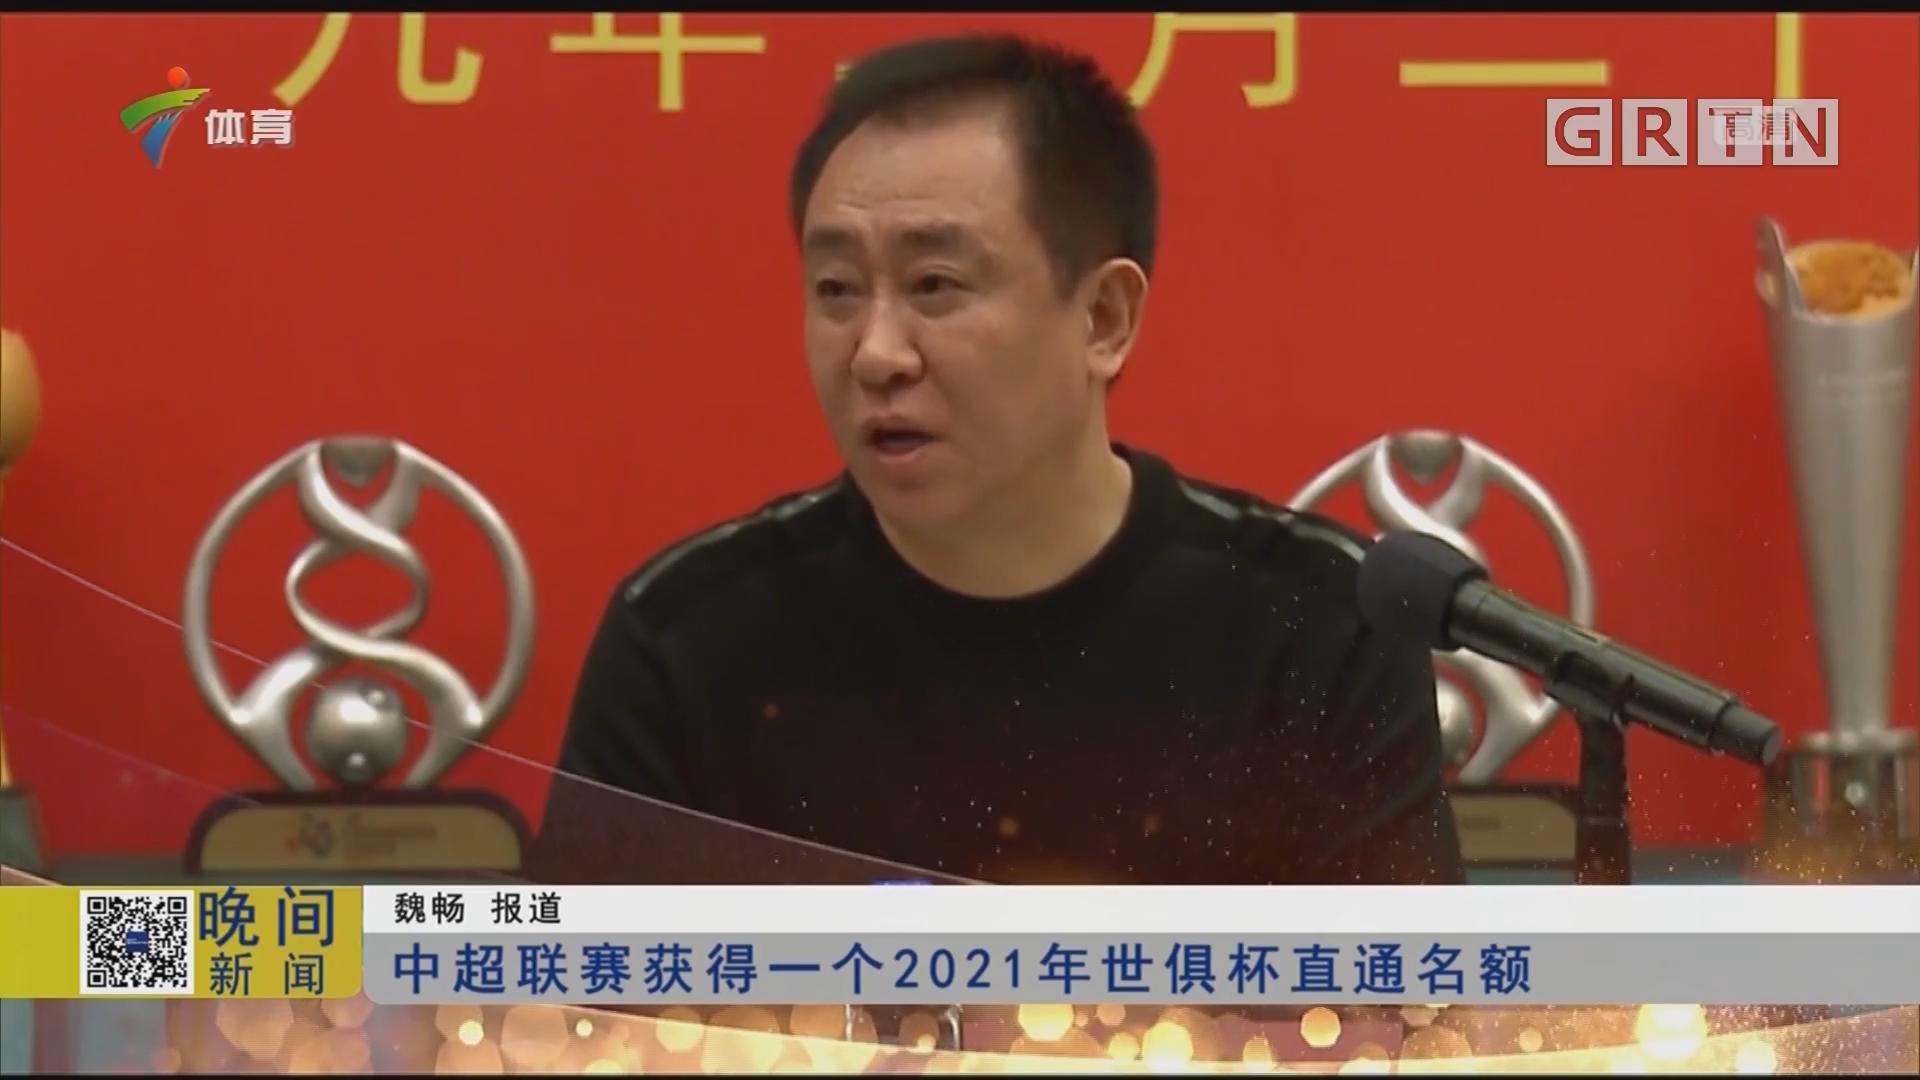 中超联赛获得一个2021年世俱杯直通名额